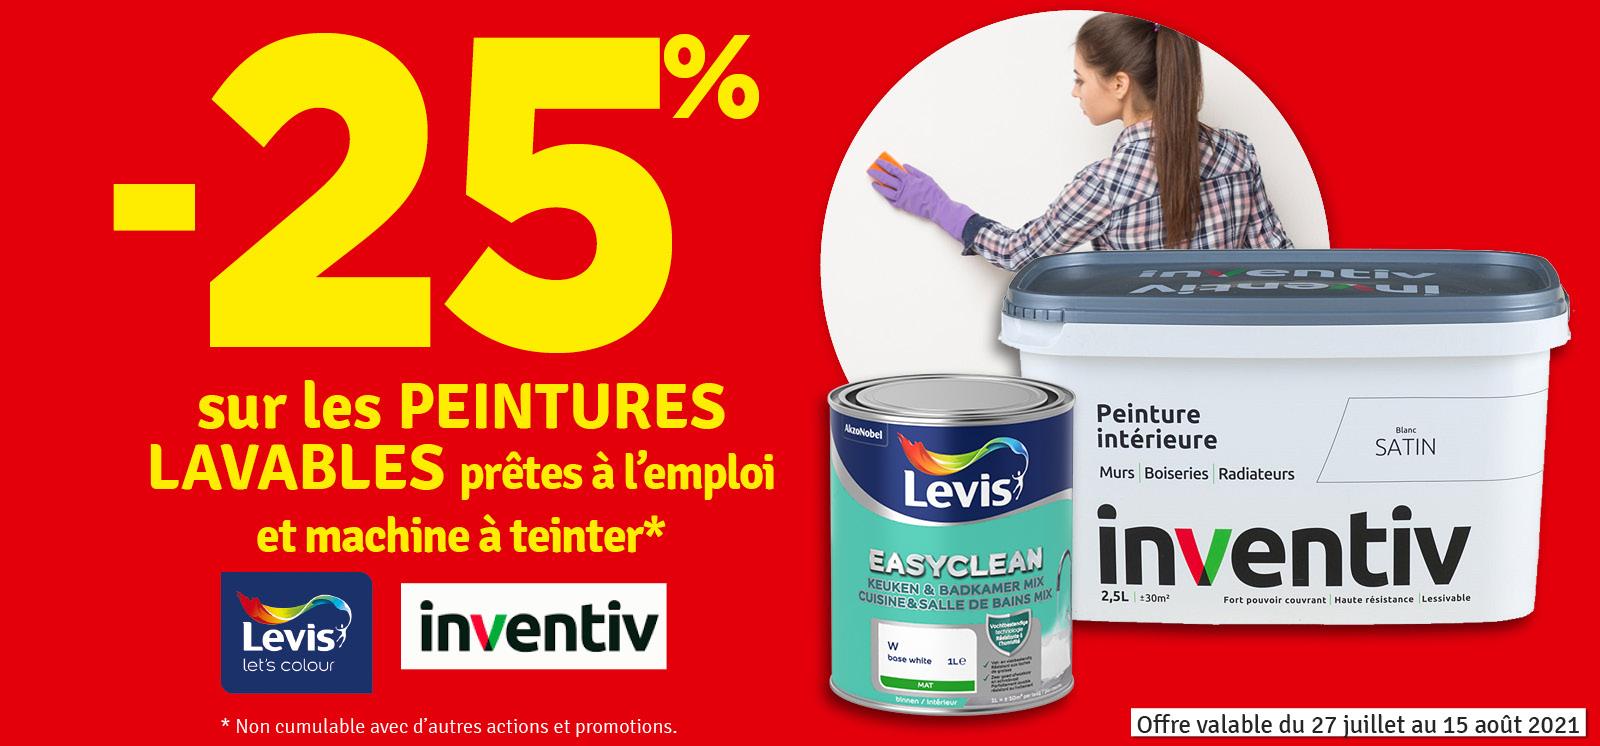 Promo - 25% sur les peintures lavables